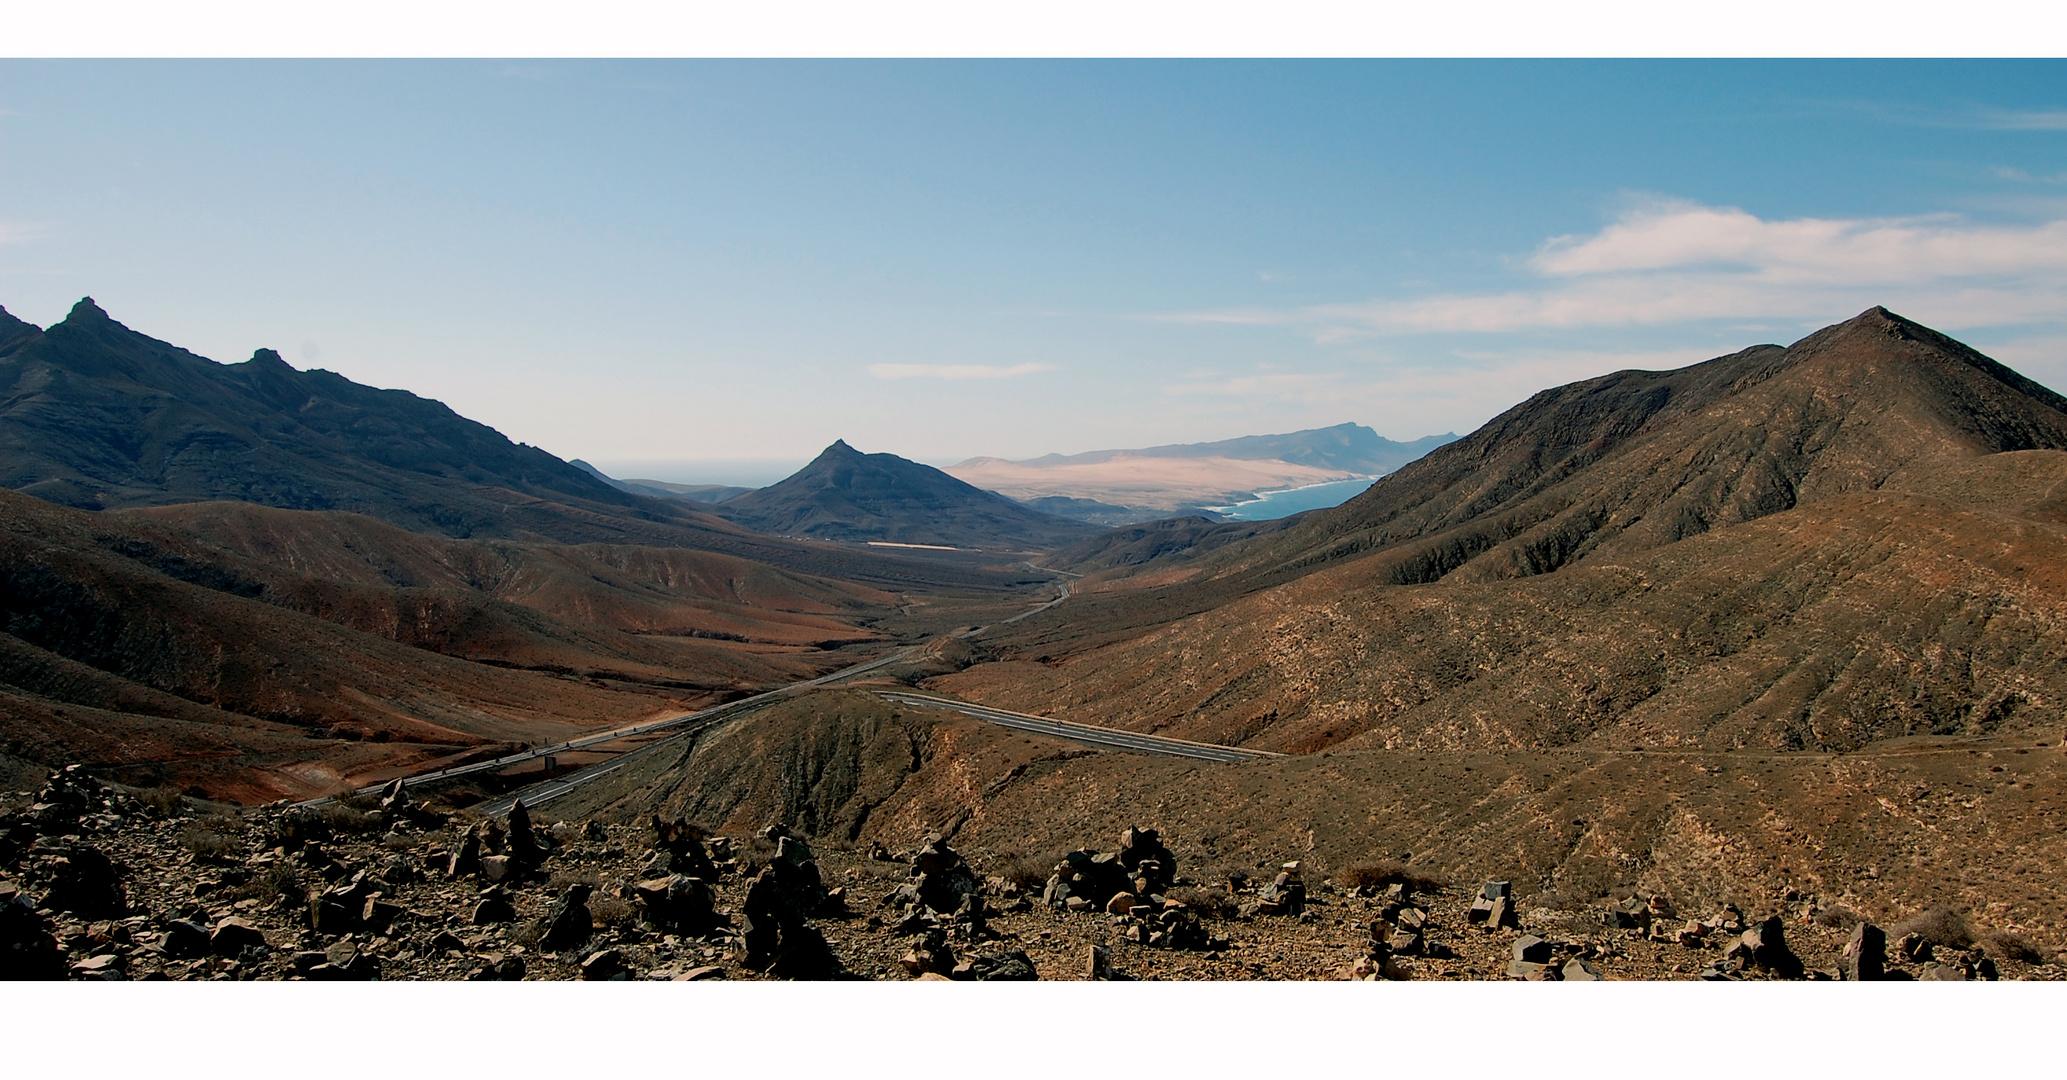 Fuerteventura - Blick aus den Bergen auf den Istmo de la Pared